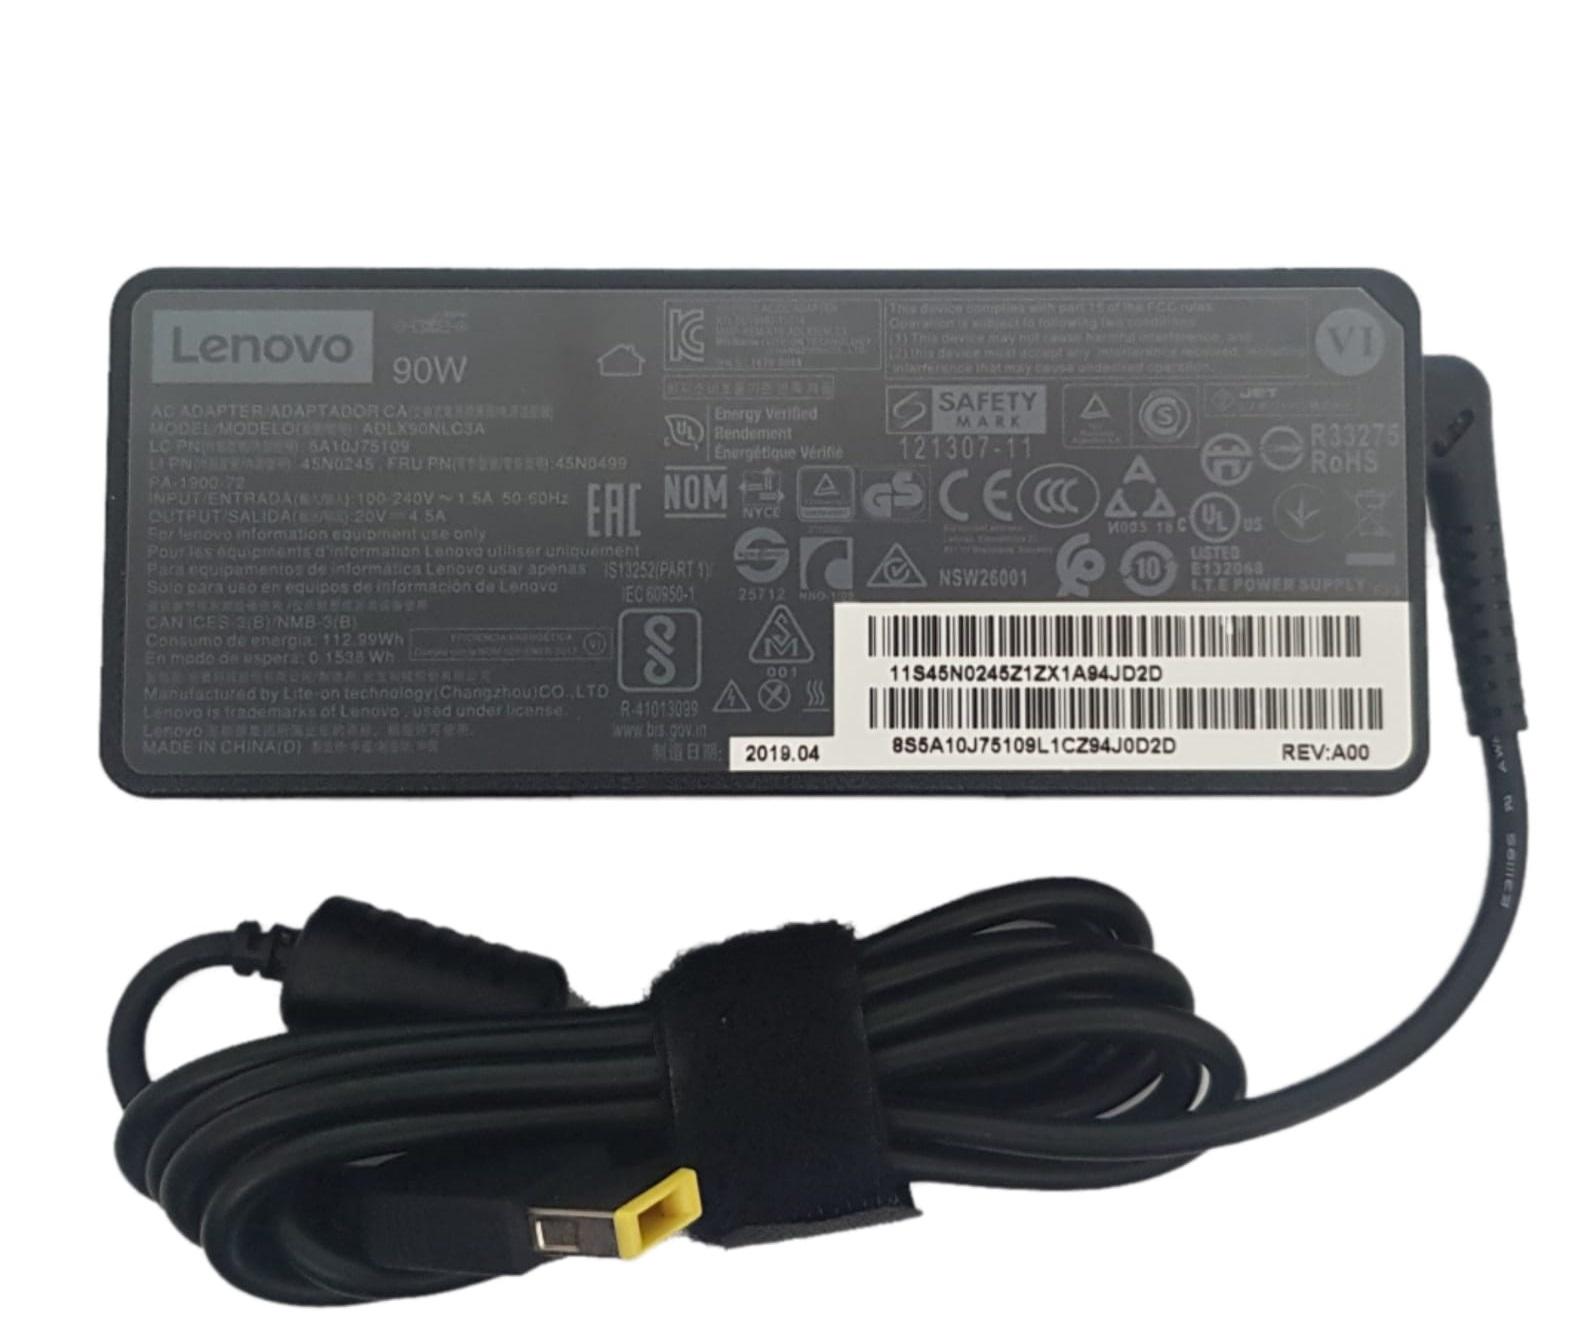 מטען למחשב נייד לנובו Lenovo Thinkpad T550